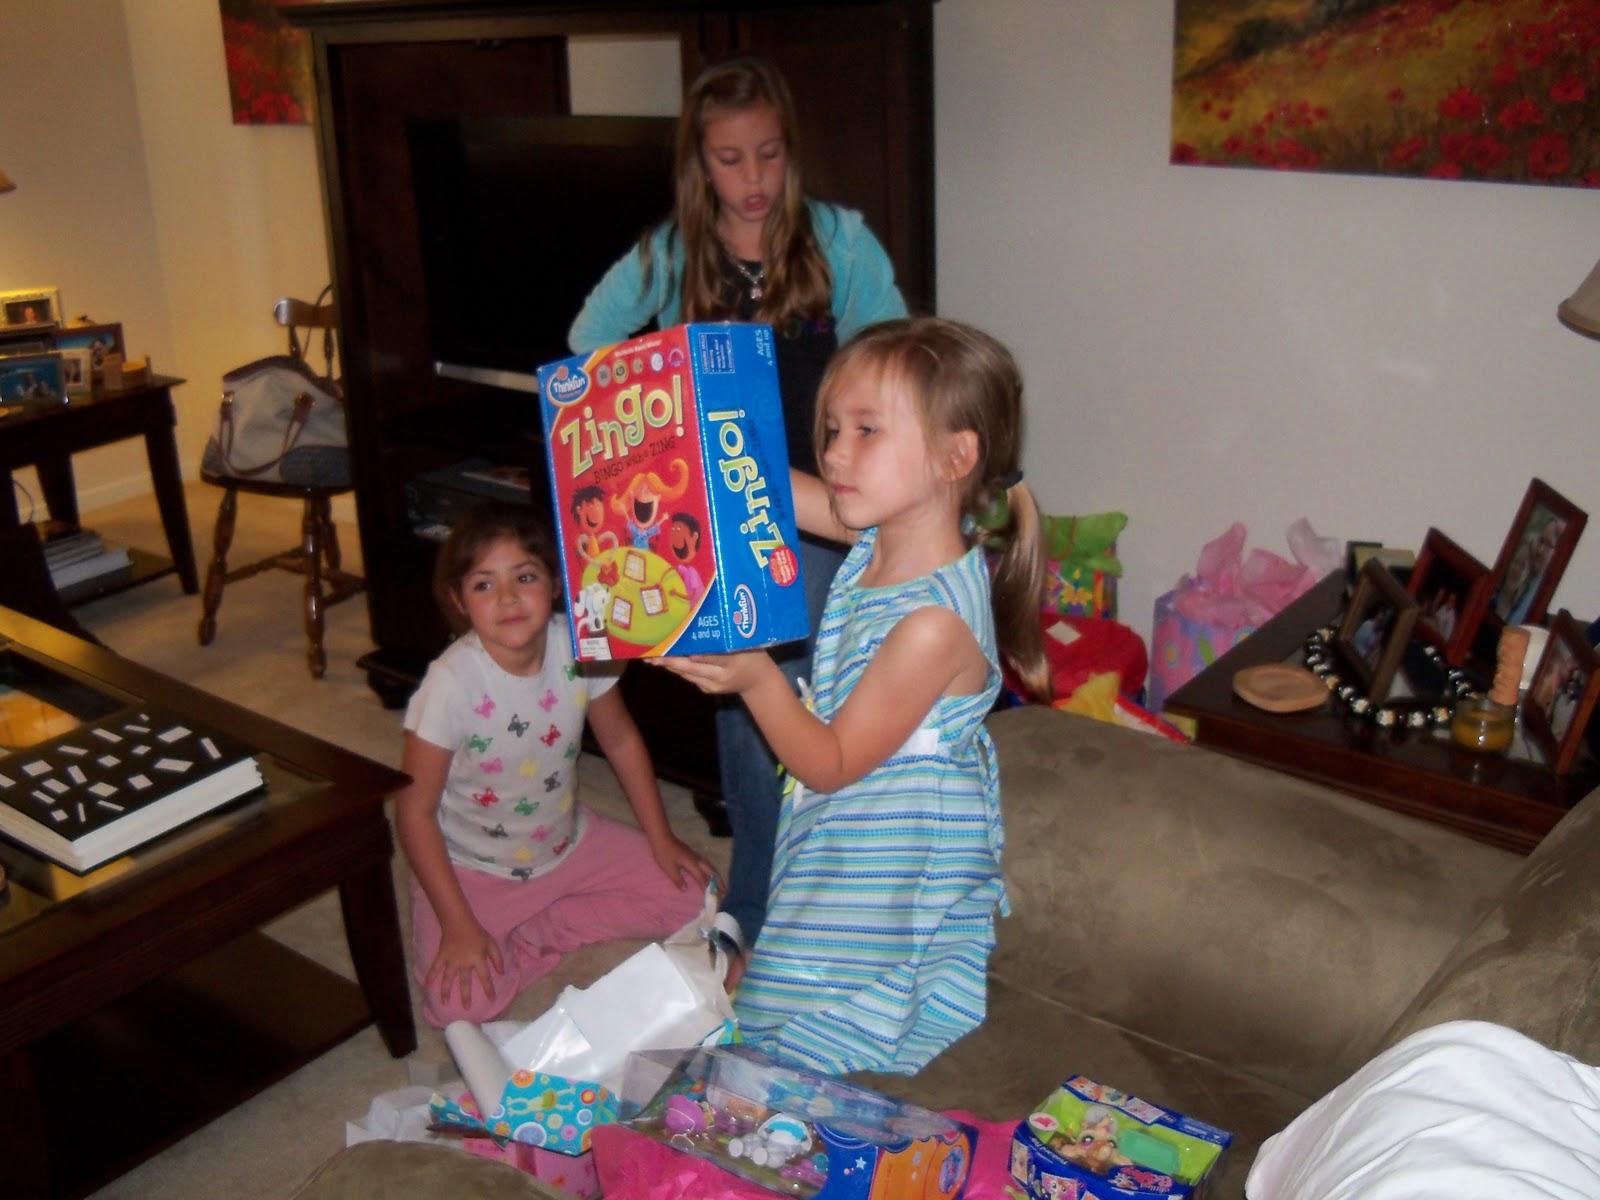 Corinas Birthday Party 2010 - 101_0767.JPG